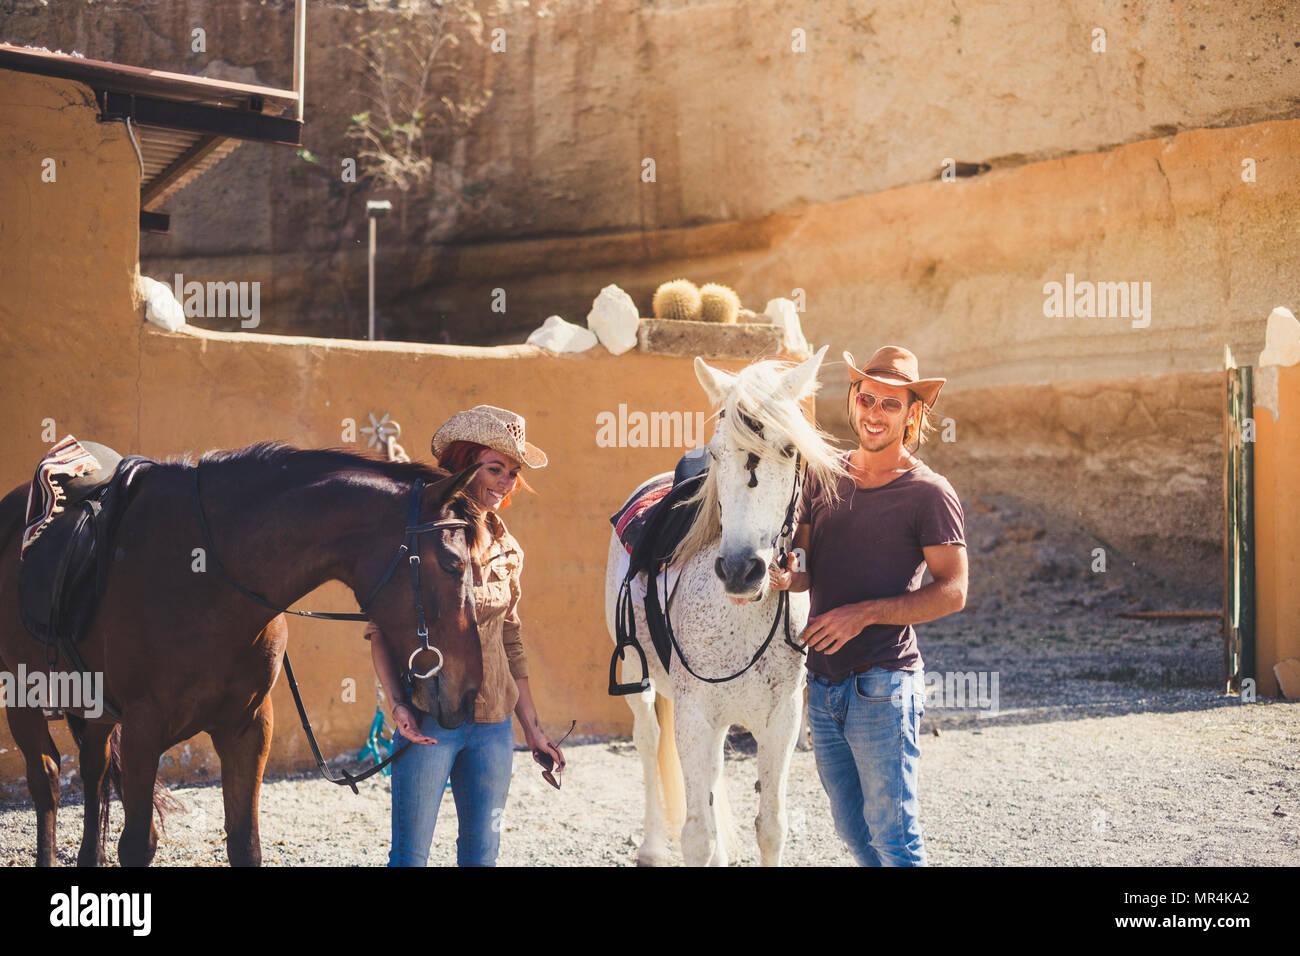 Alternativen Lebensstil voller Kontakt mit der Natur und der Tiere in einer Ranch für eine junge und schöne Mann und Frau mit Pferden. sonnigen Tag für Freiheit und d Stockbild